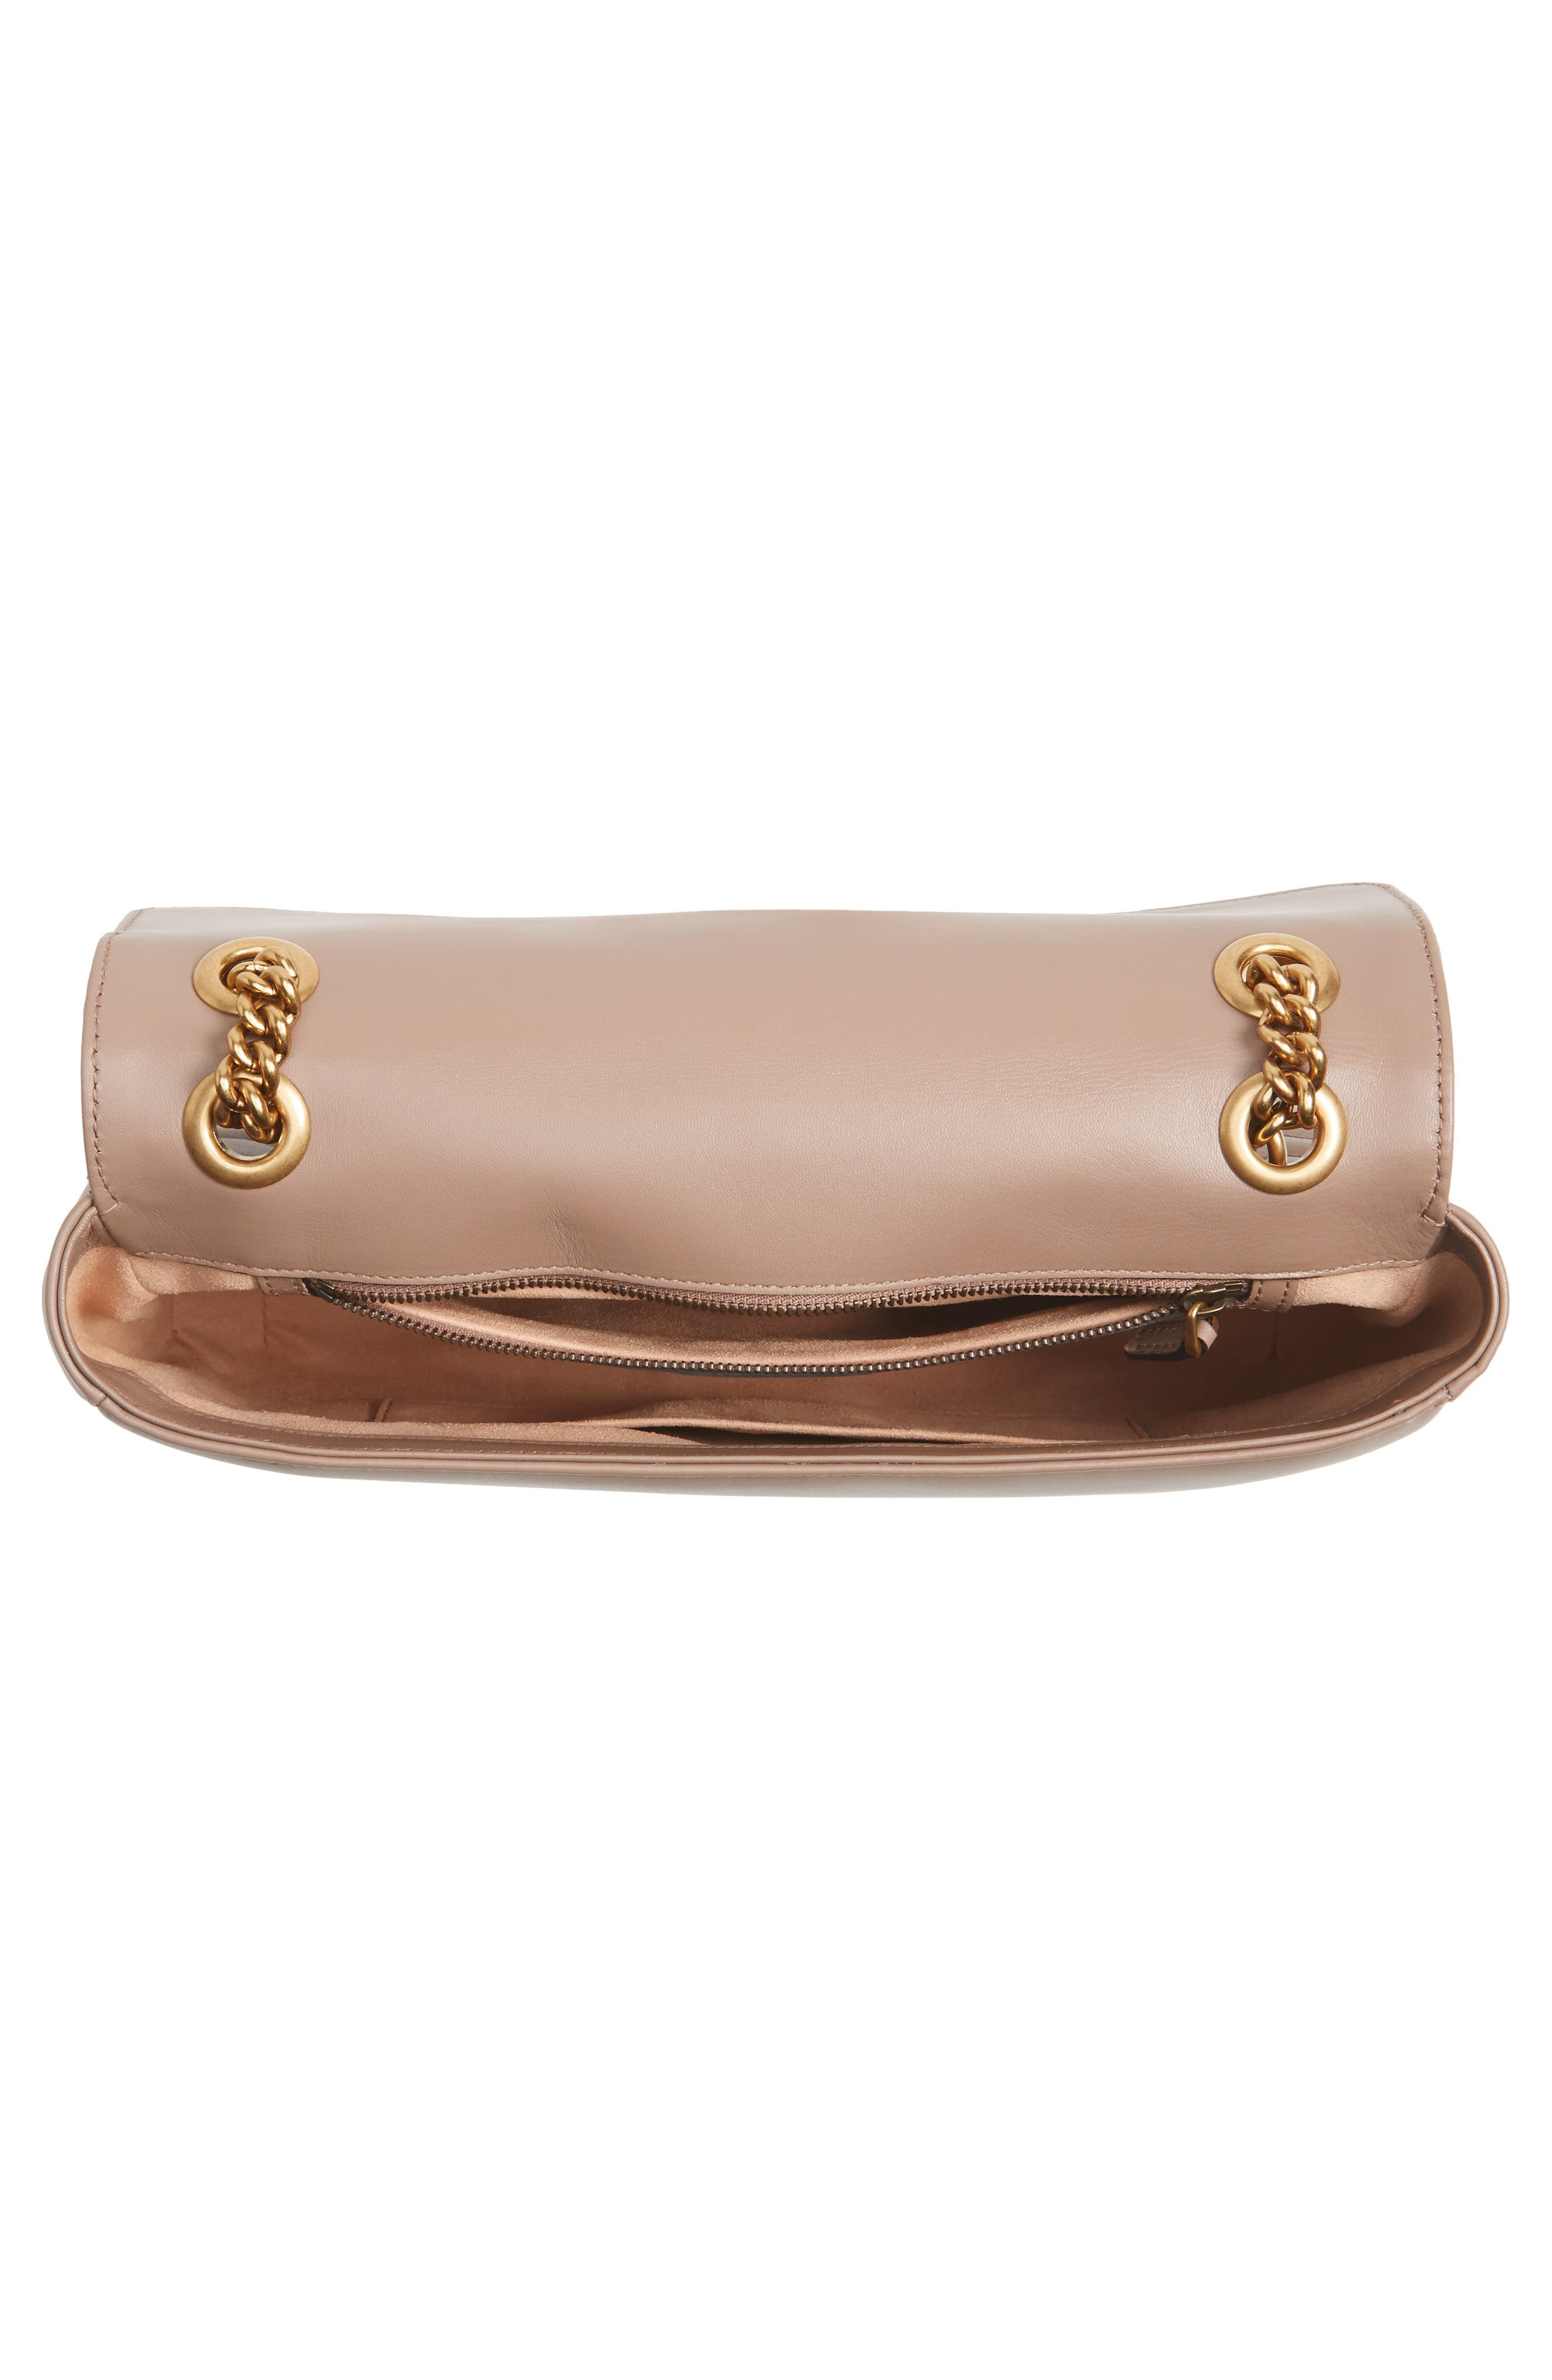 Medium GG Marmont 2.0 Matelassé Leather Shoulder Bag,                             Alternate thumbnail 4, color,                             Porcelain Rose